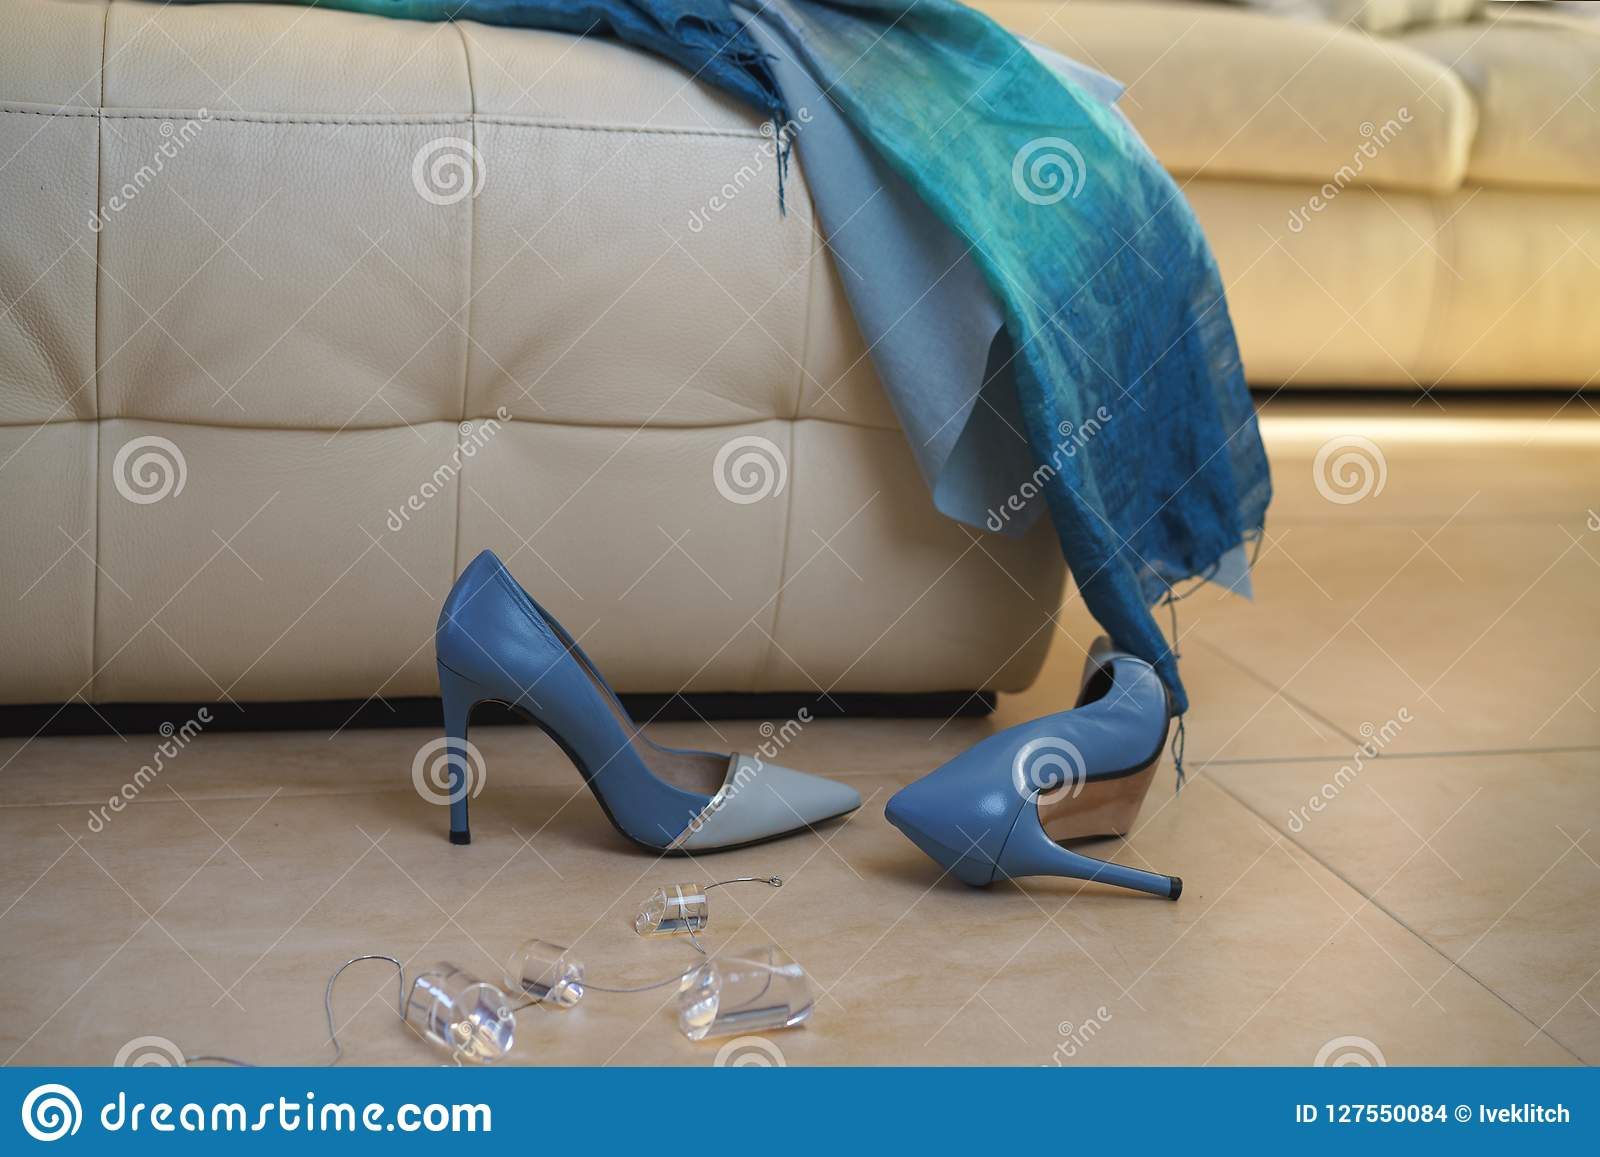 Faccia festa i gioielli blu degli accessori delle scarpe di vestito dalla raccolta femminile dell attrezzatura sul sofà beige sul